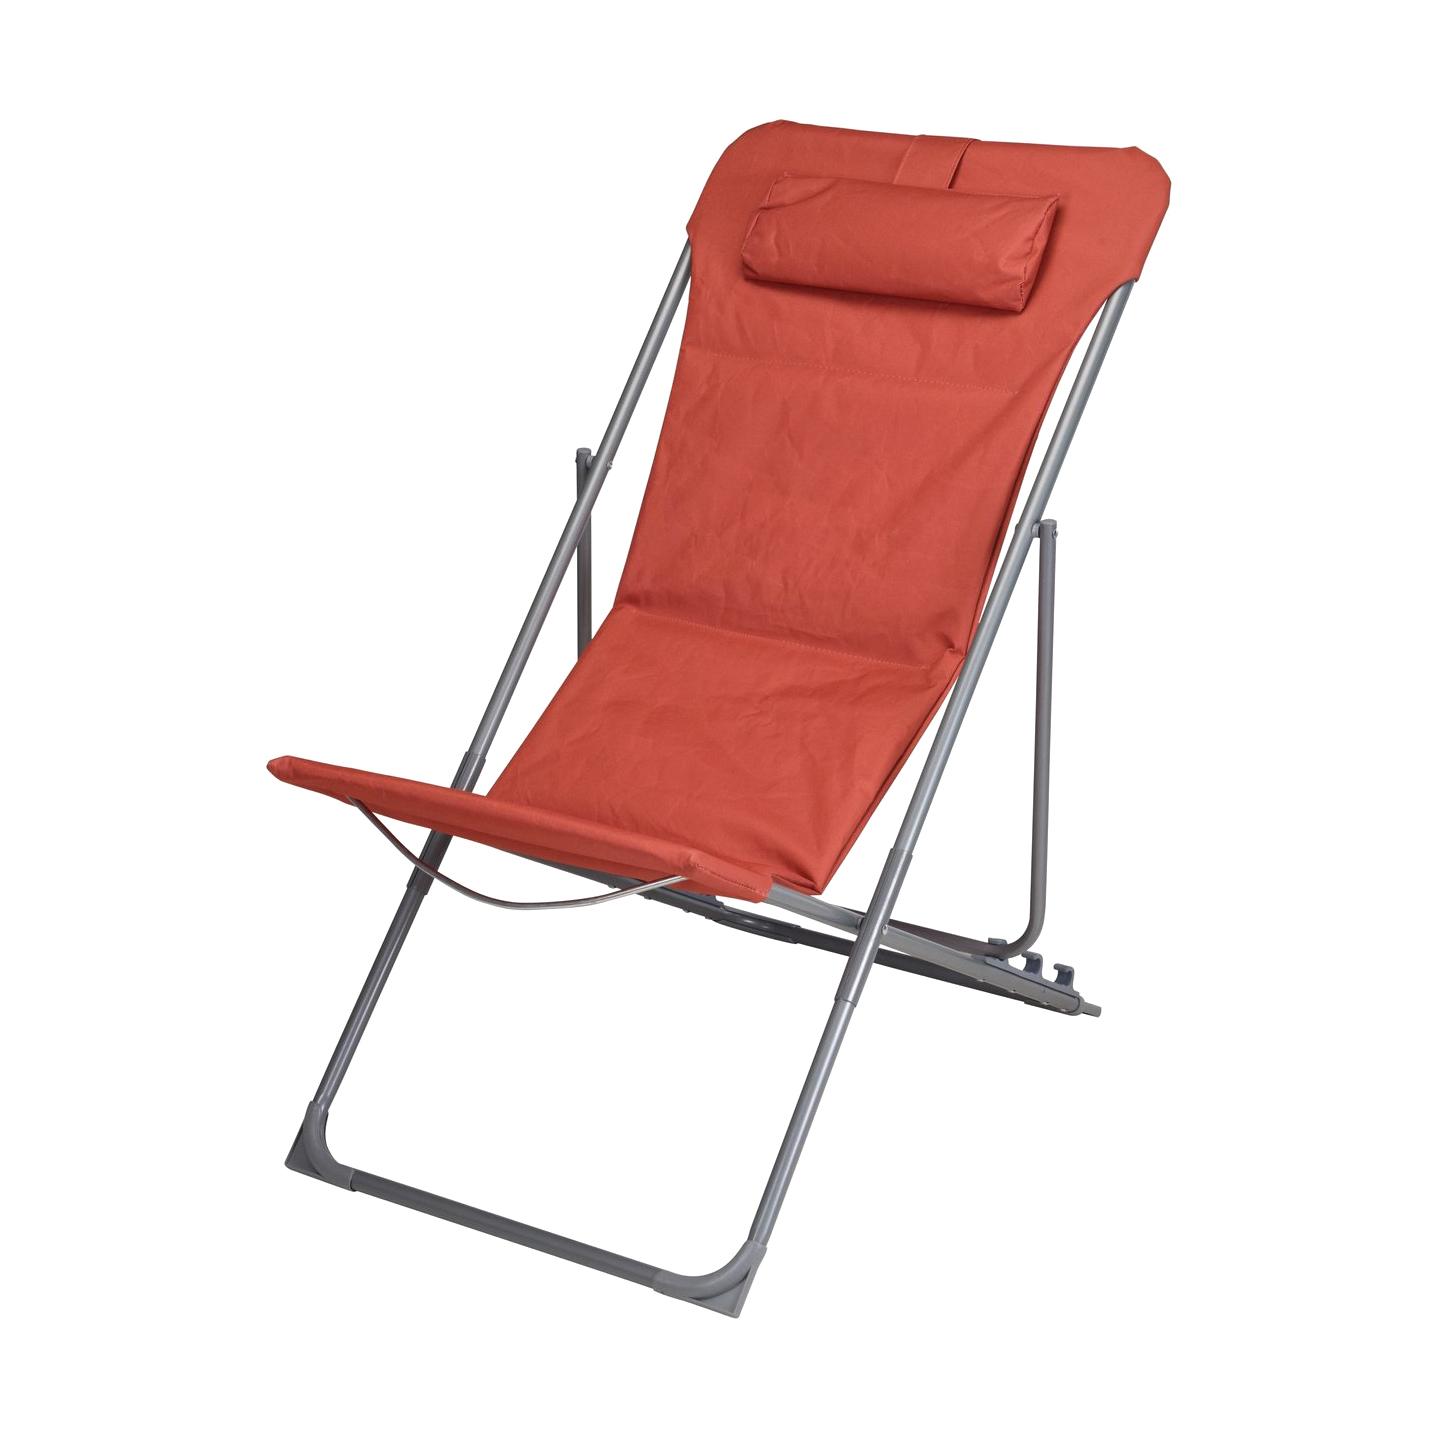 Складное кресло Koopman camping 83x54x89 см X70000030 фото